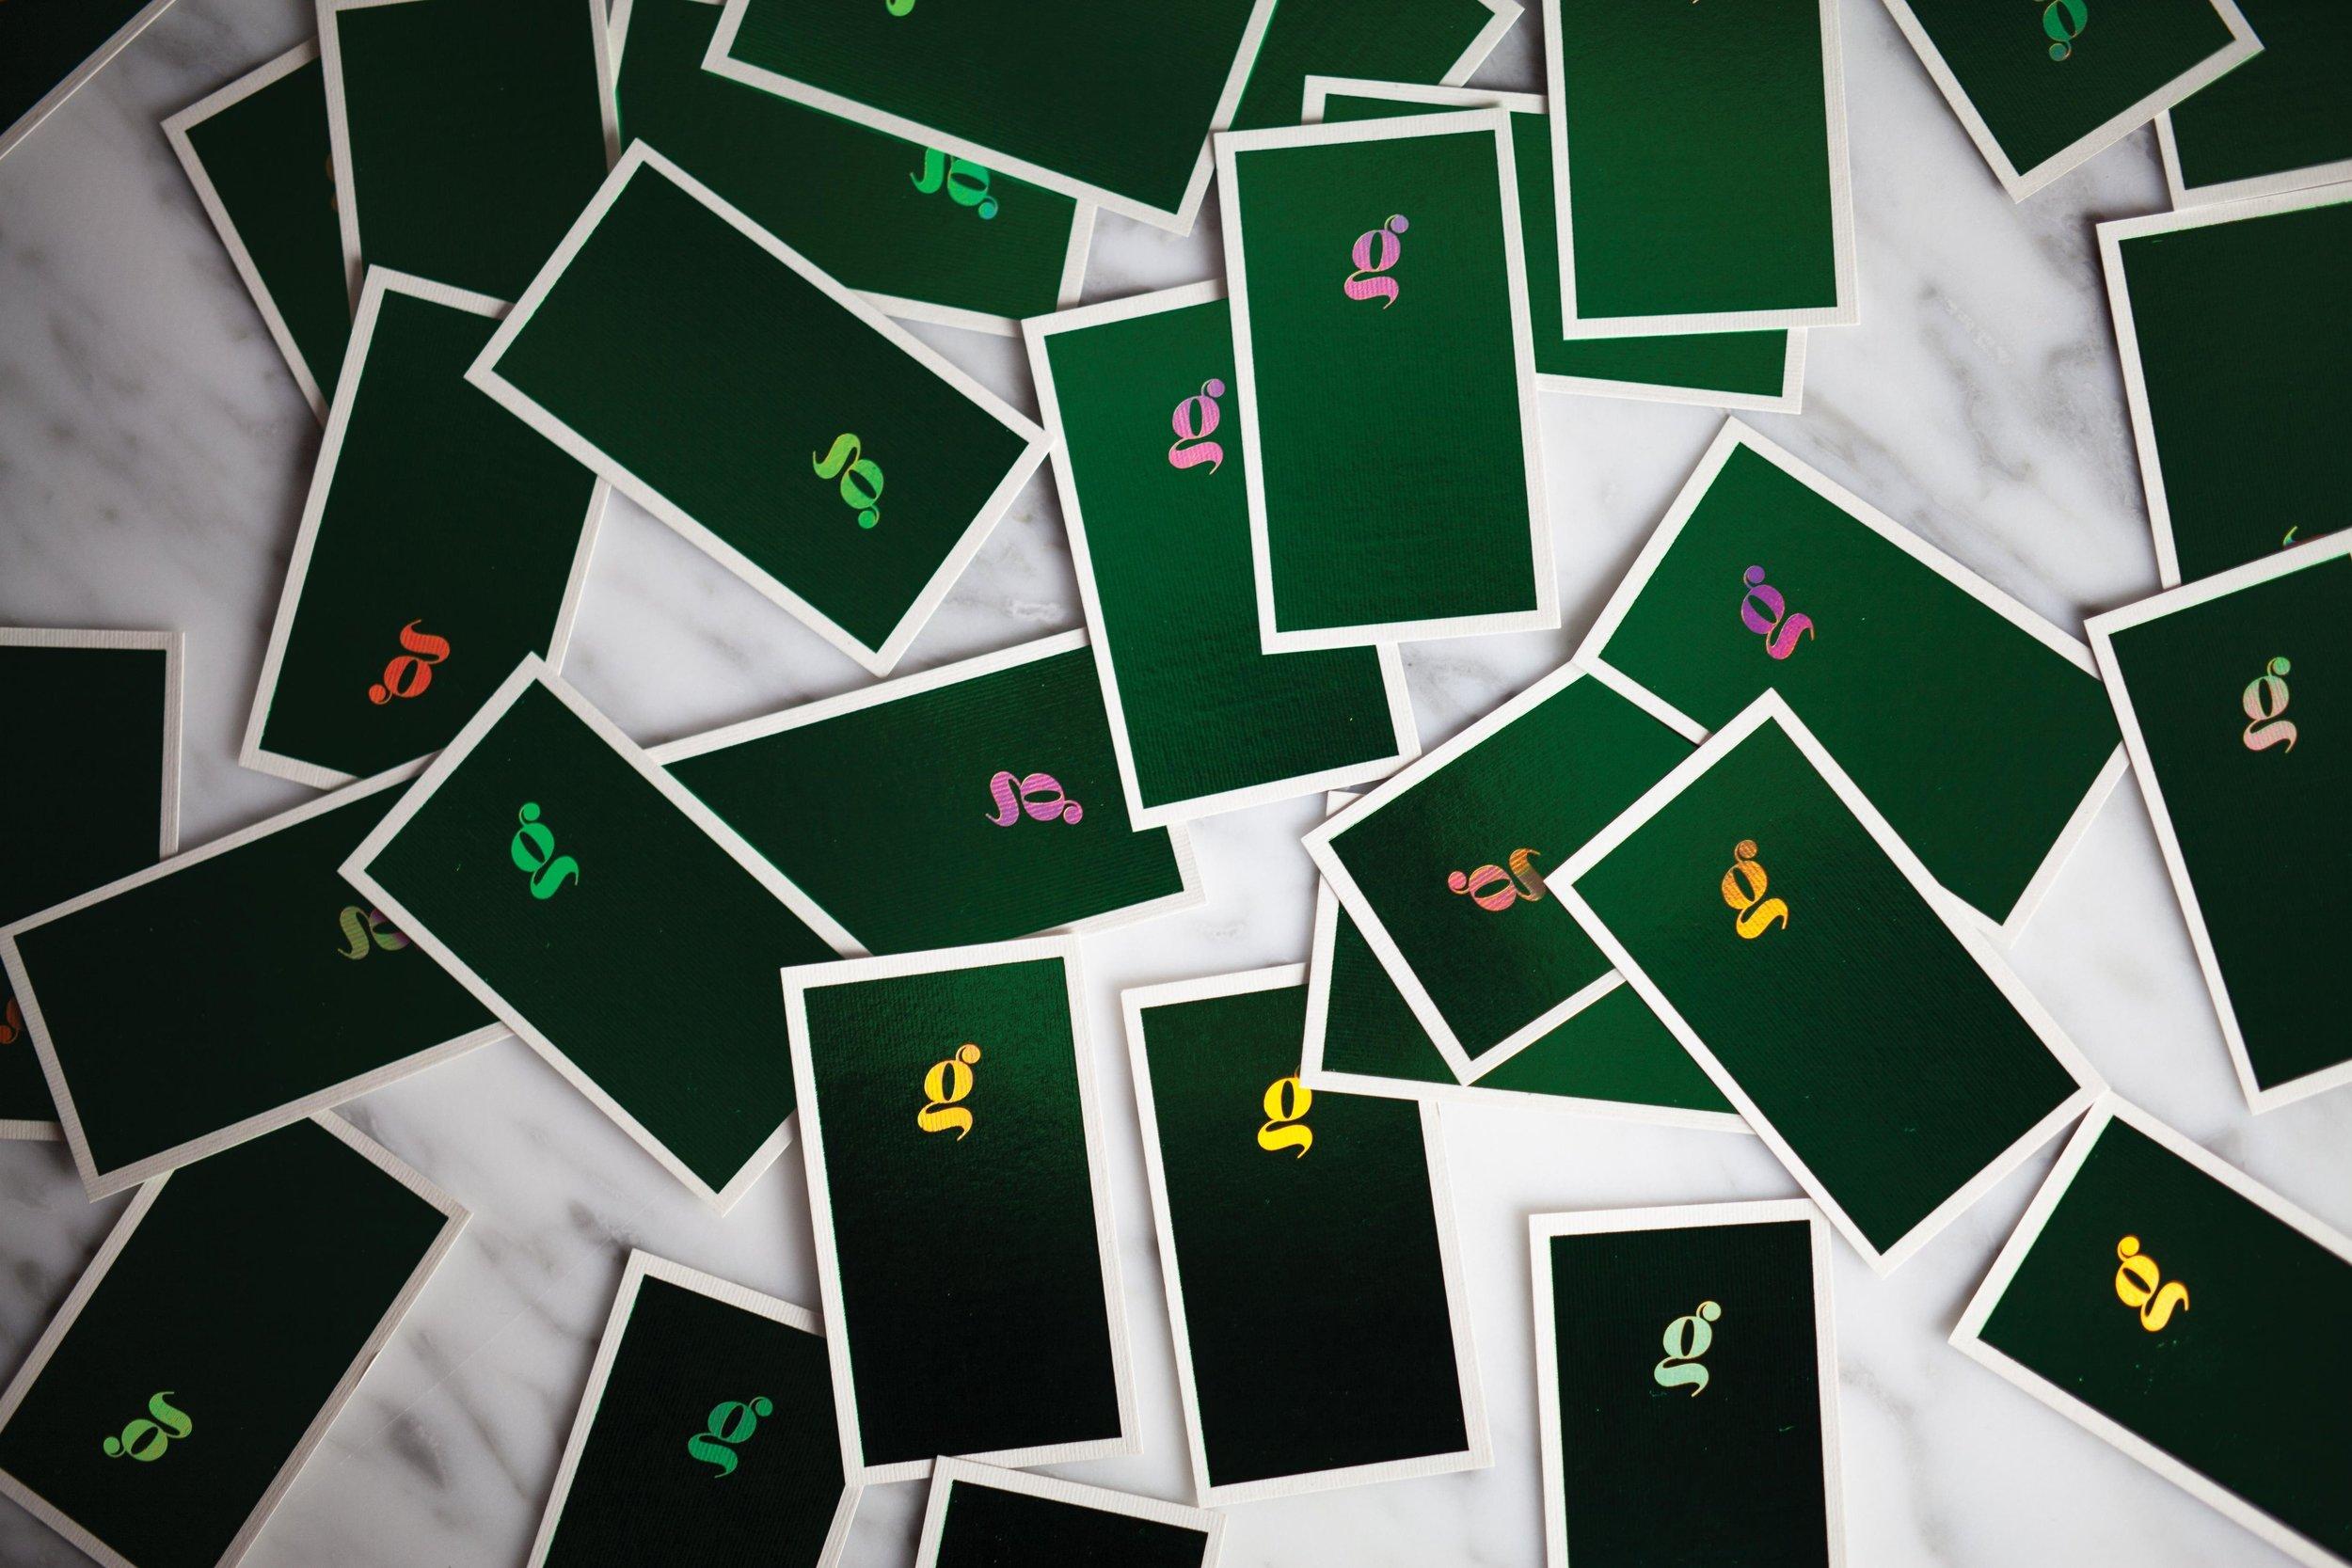 Grass_Card_Spread.jpg